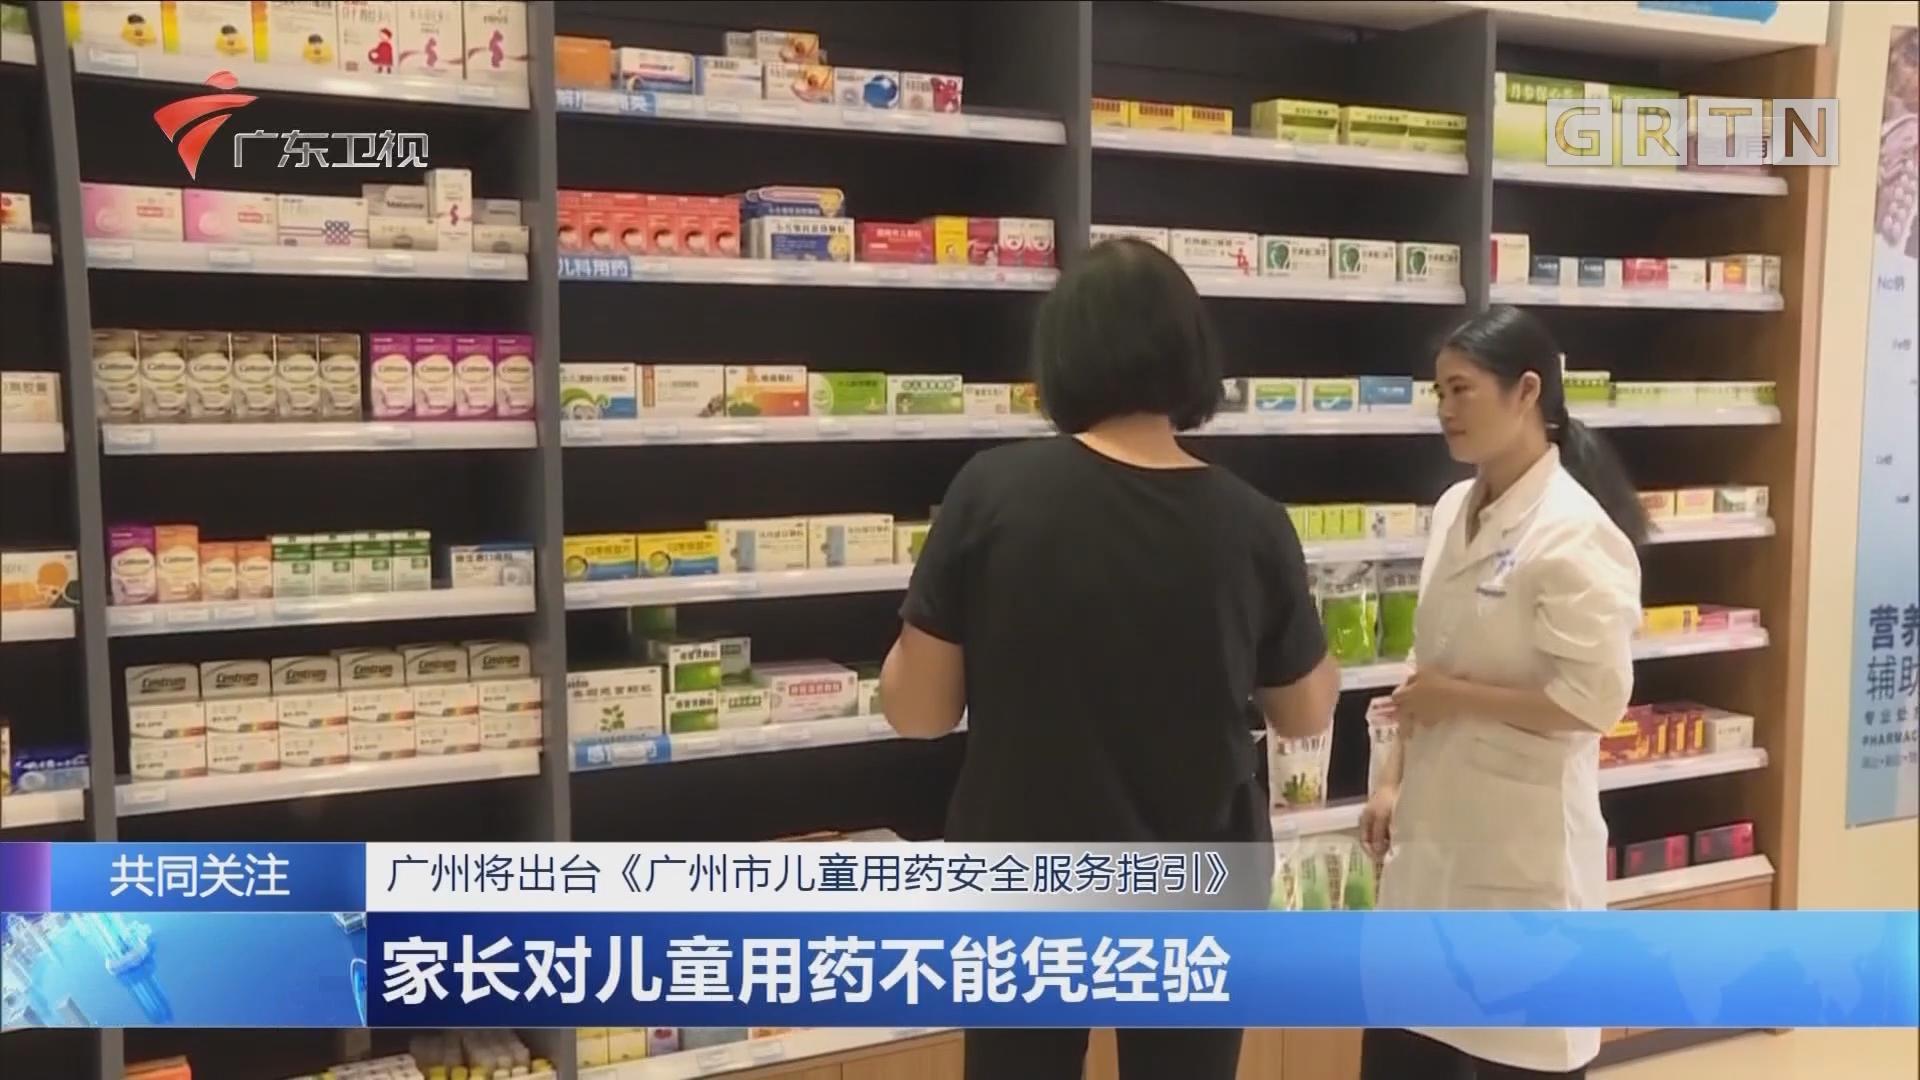 广州将出台《广州市儿童用药安全服务指引》:家长对儿童用药不能凭经验